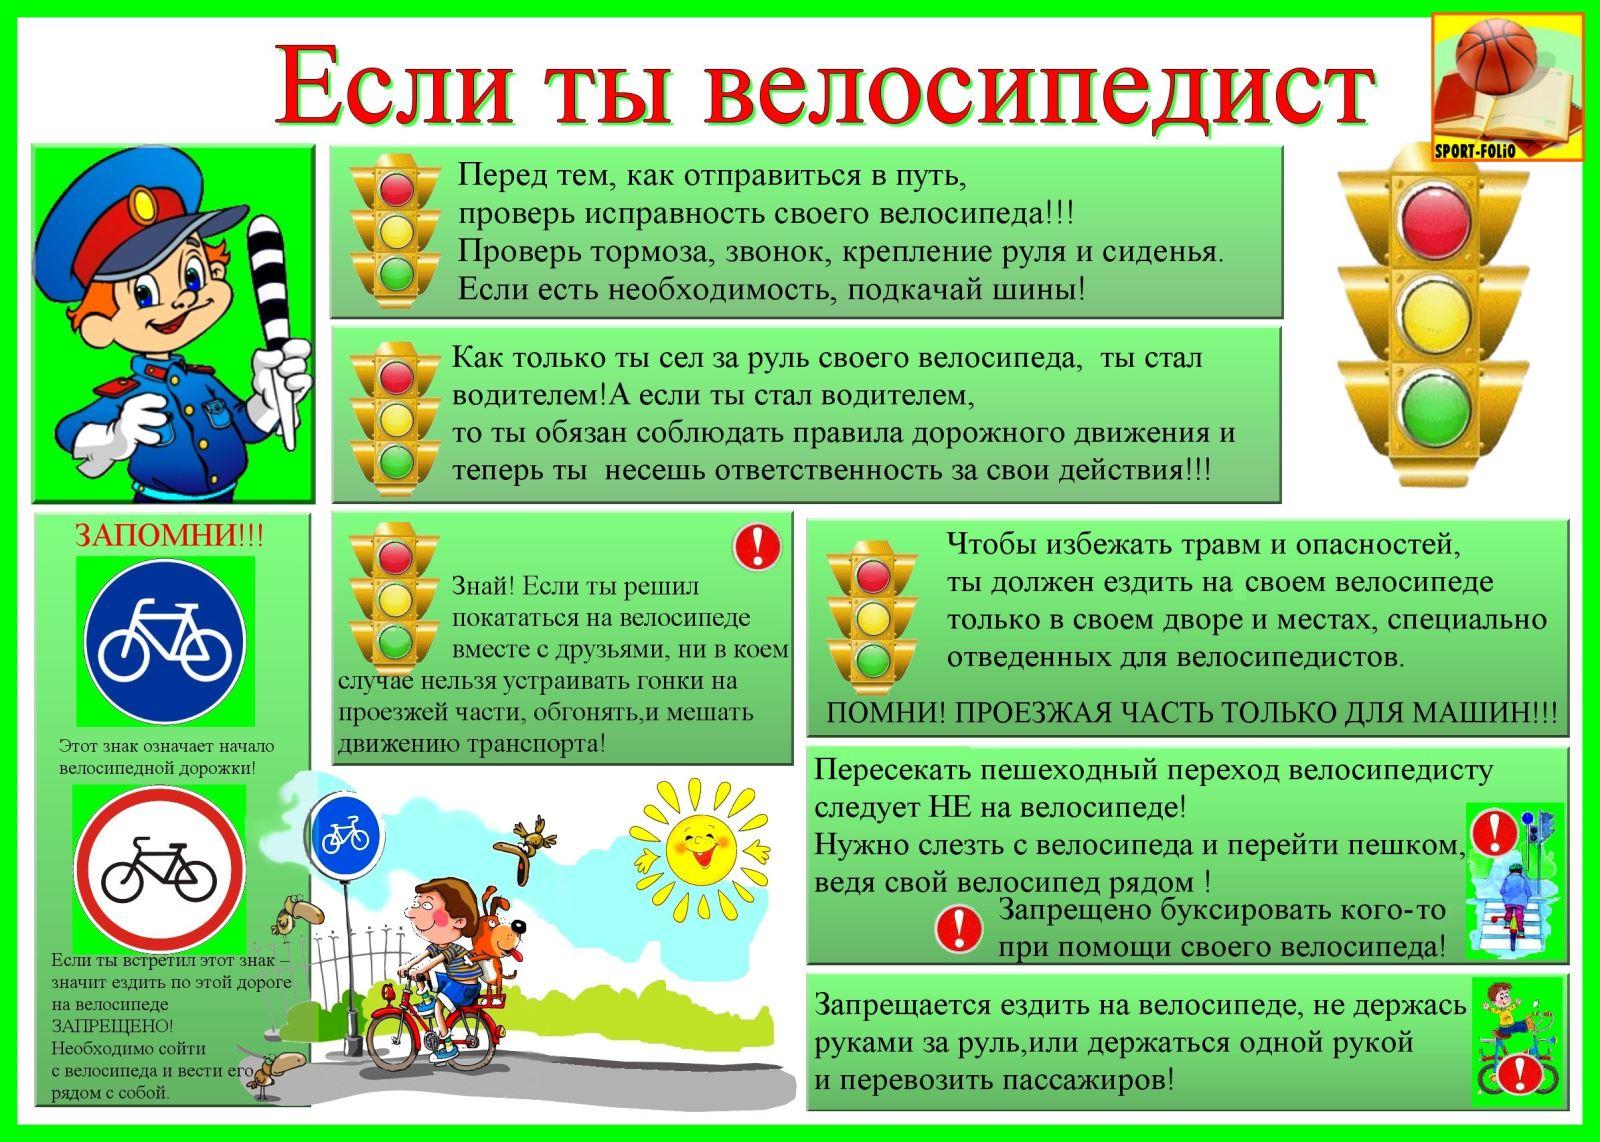 http://school-1-kotel.ucoz.net/2017/foto/ty-velosipedist.jpg